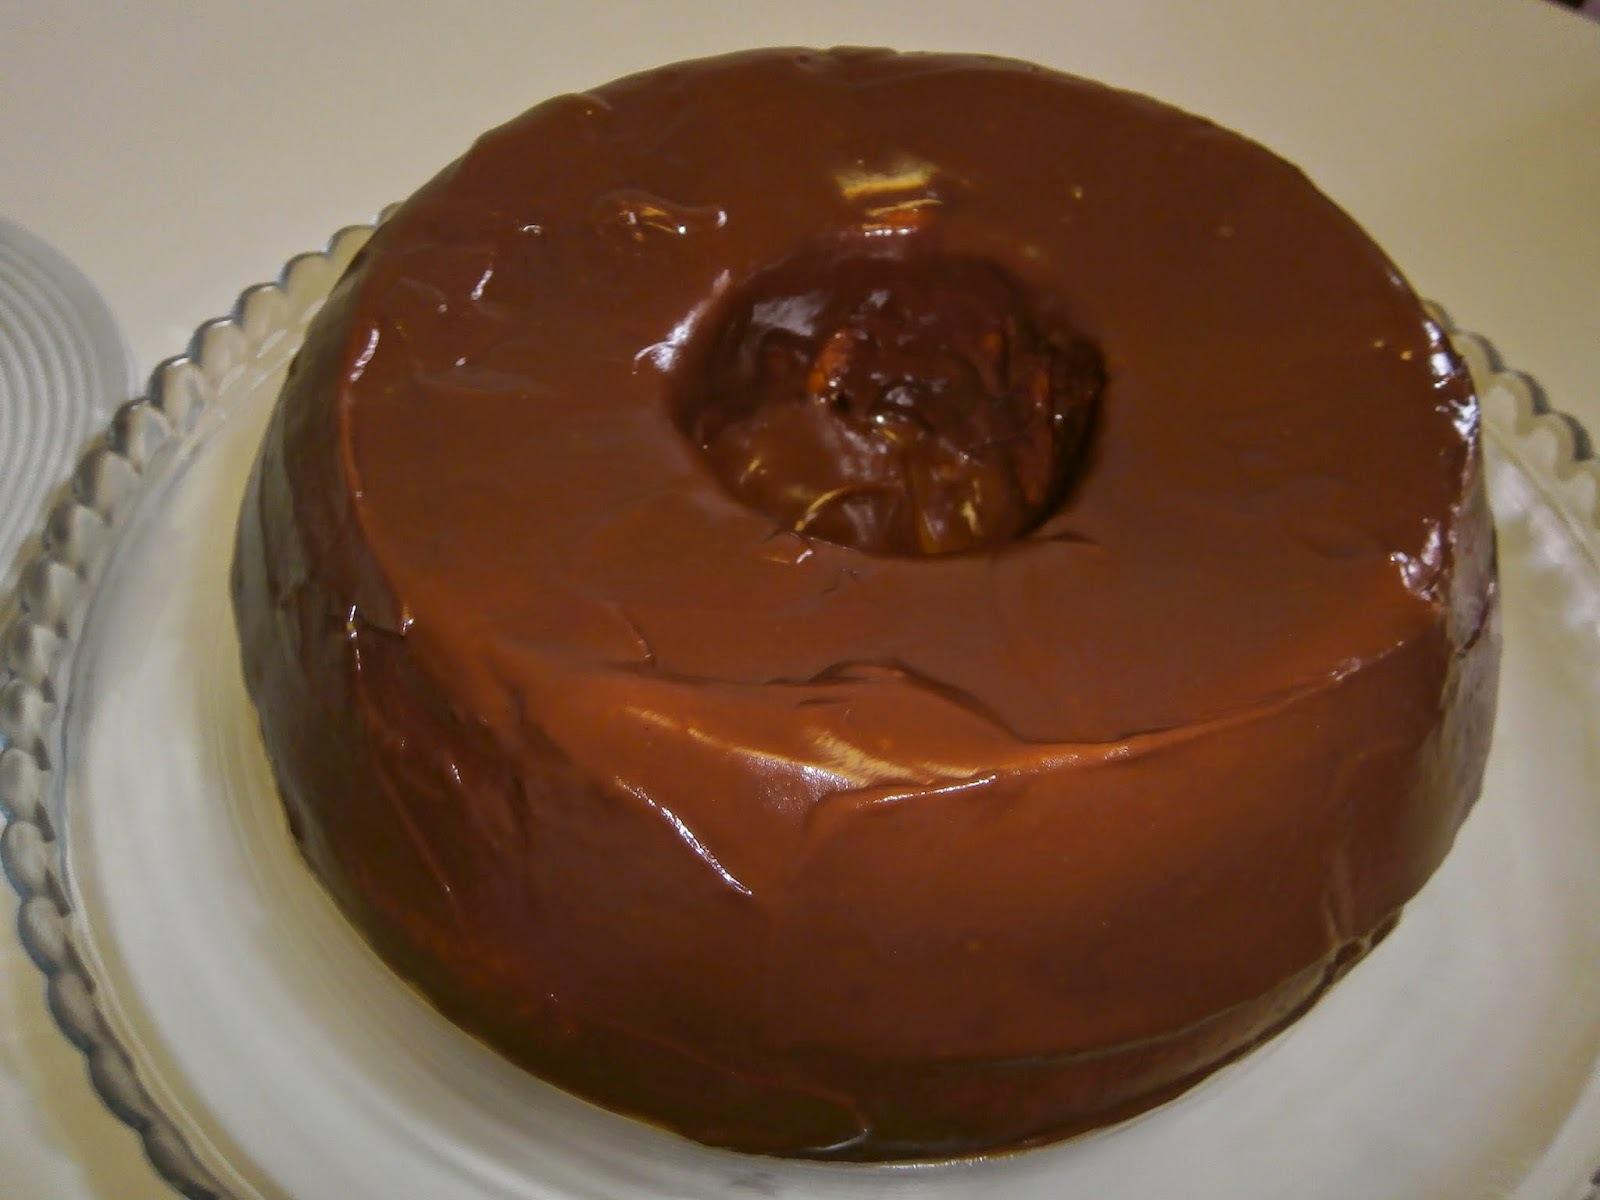 cobertura de bolo com nata e chocolate